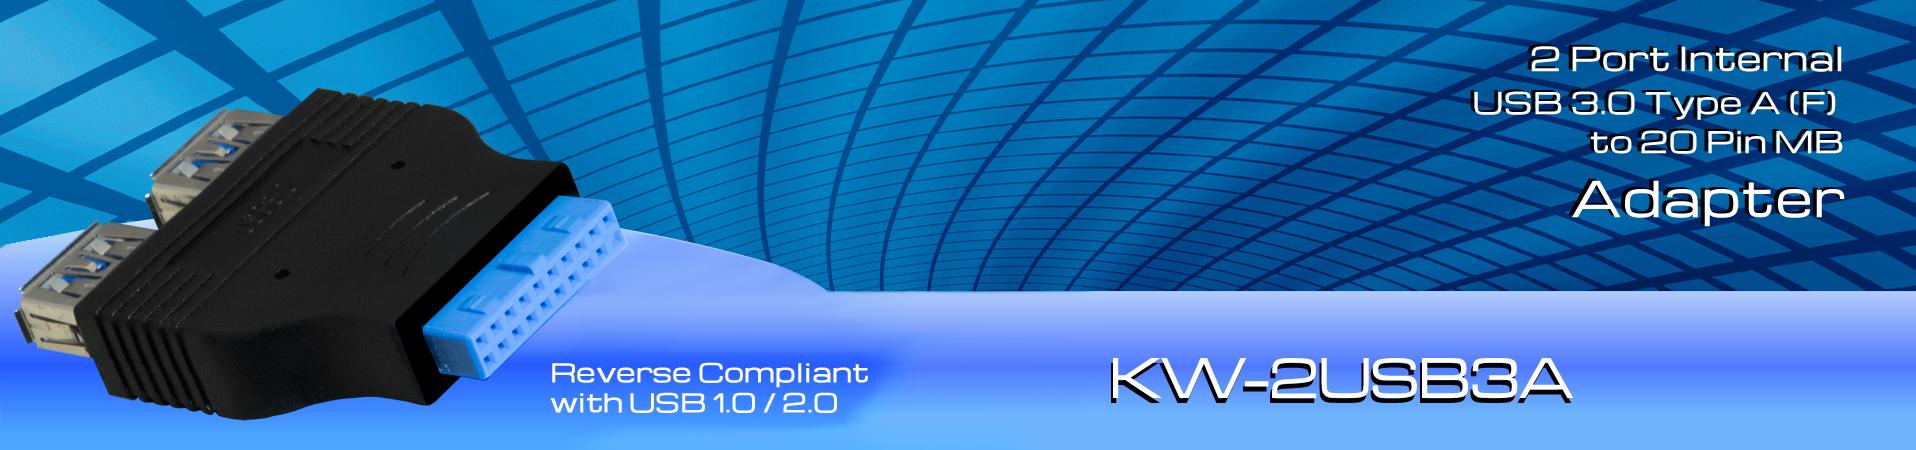 KW-2USB3_A.fw_12